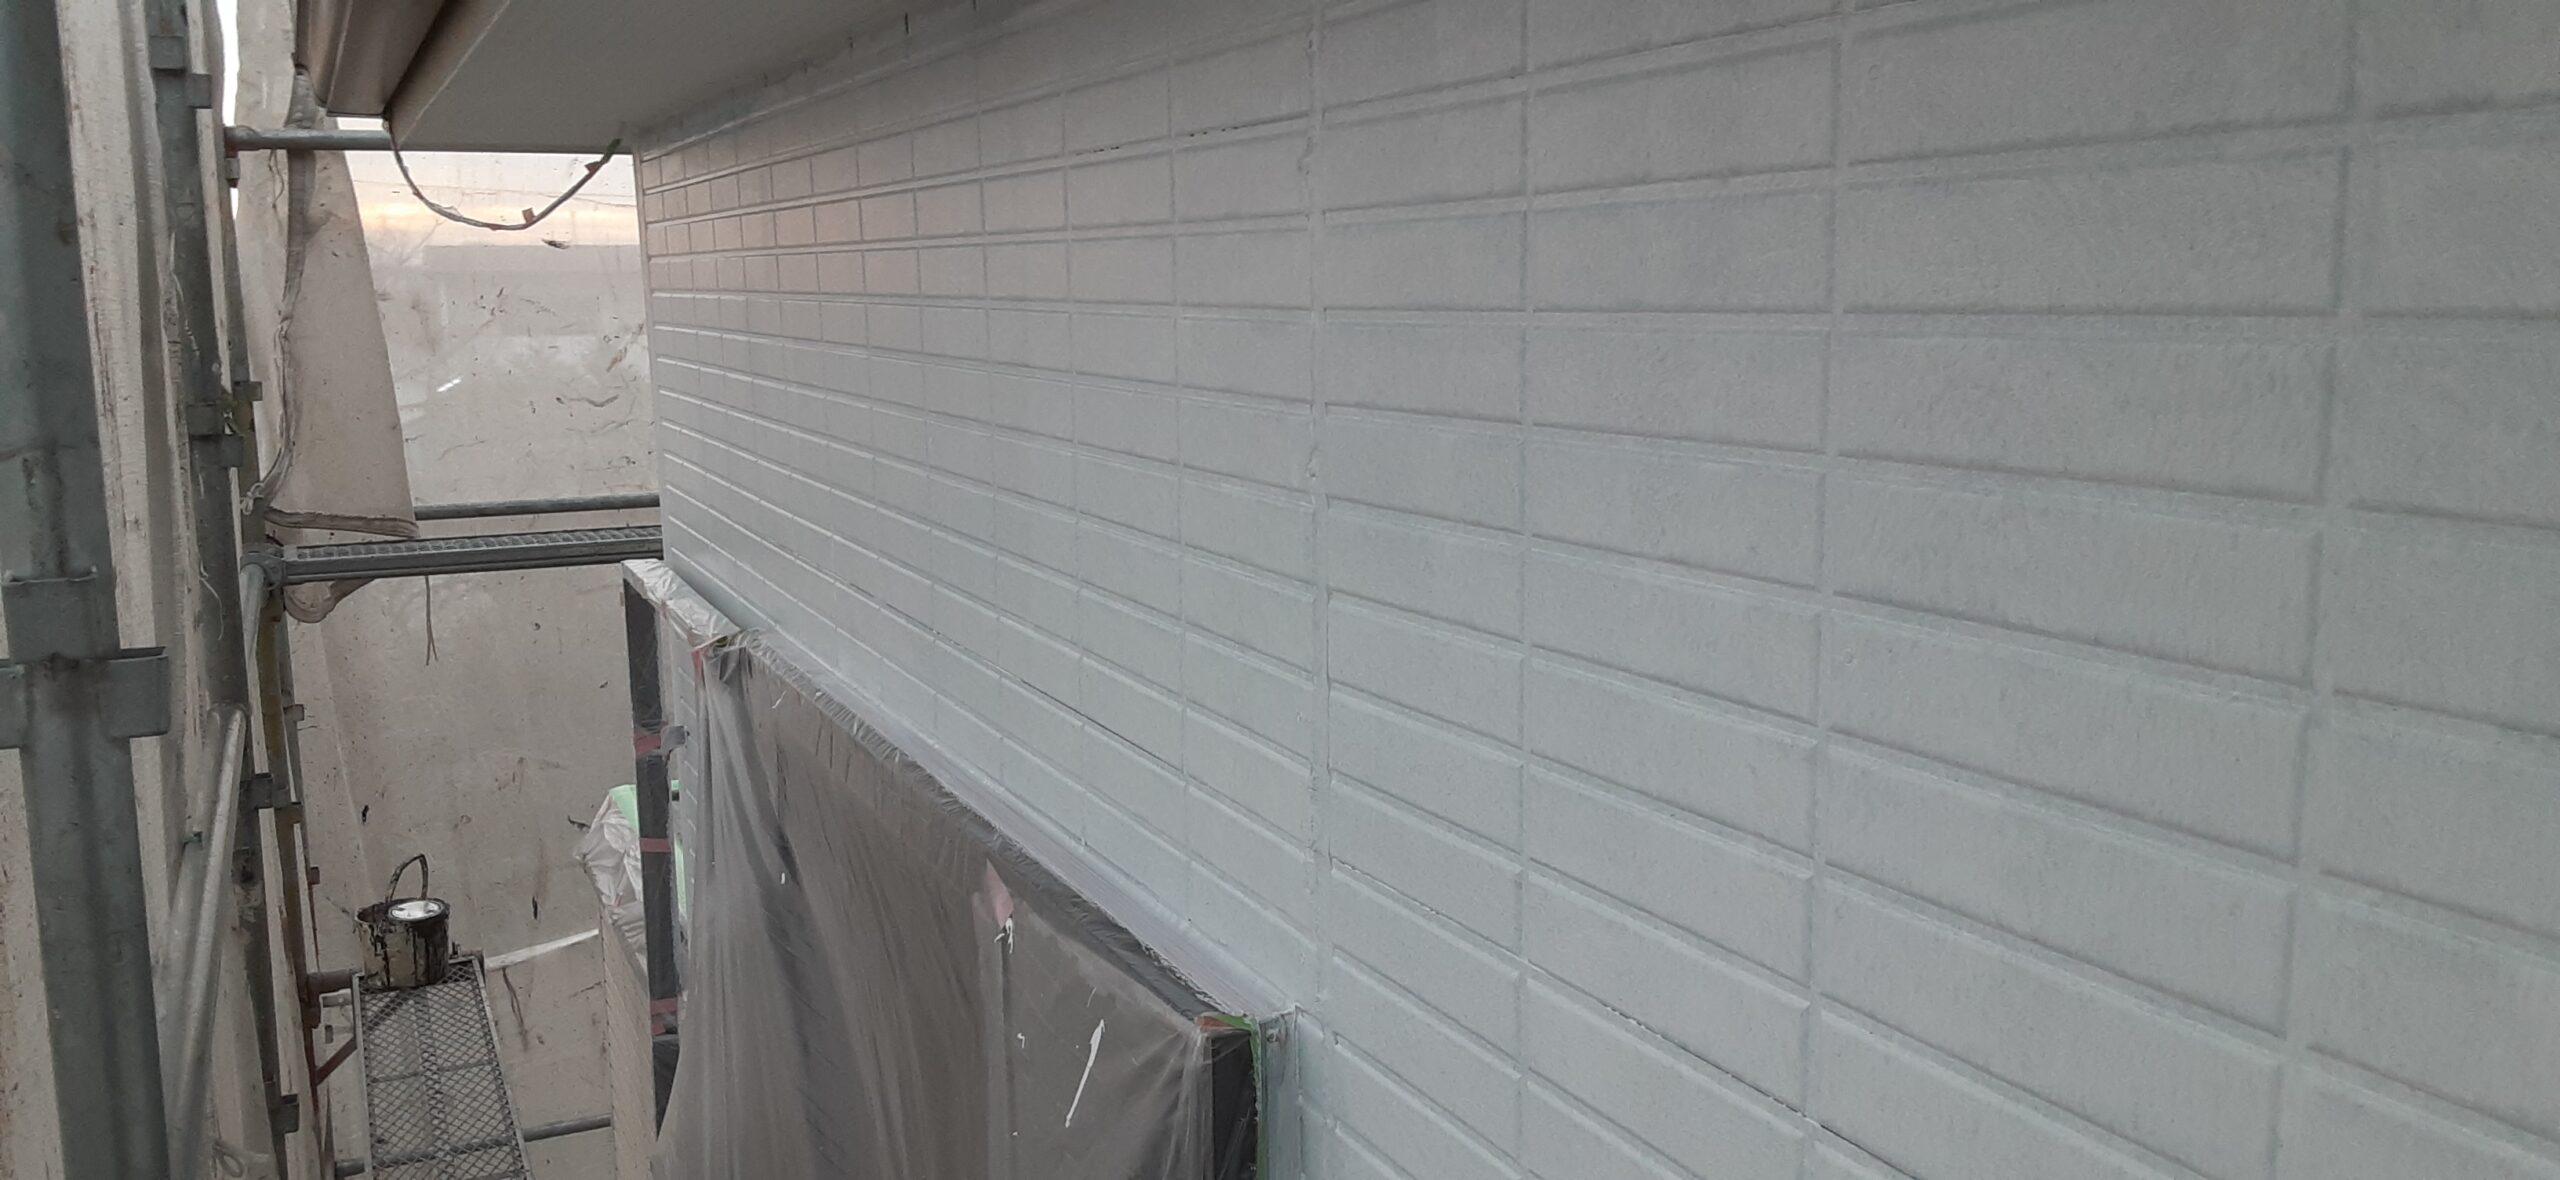 埼玉県さいたま市 屋根、外壁塗装/さいたま市岩槻区の(木造2階建て)M様邸にて塗り替えリホーム中